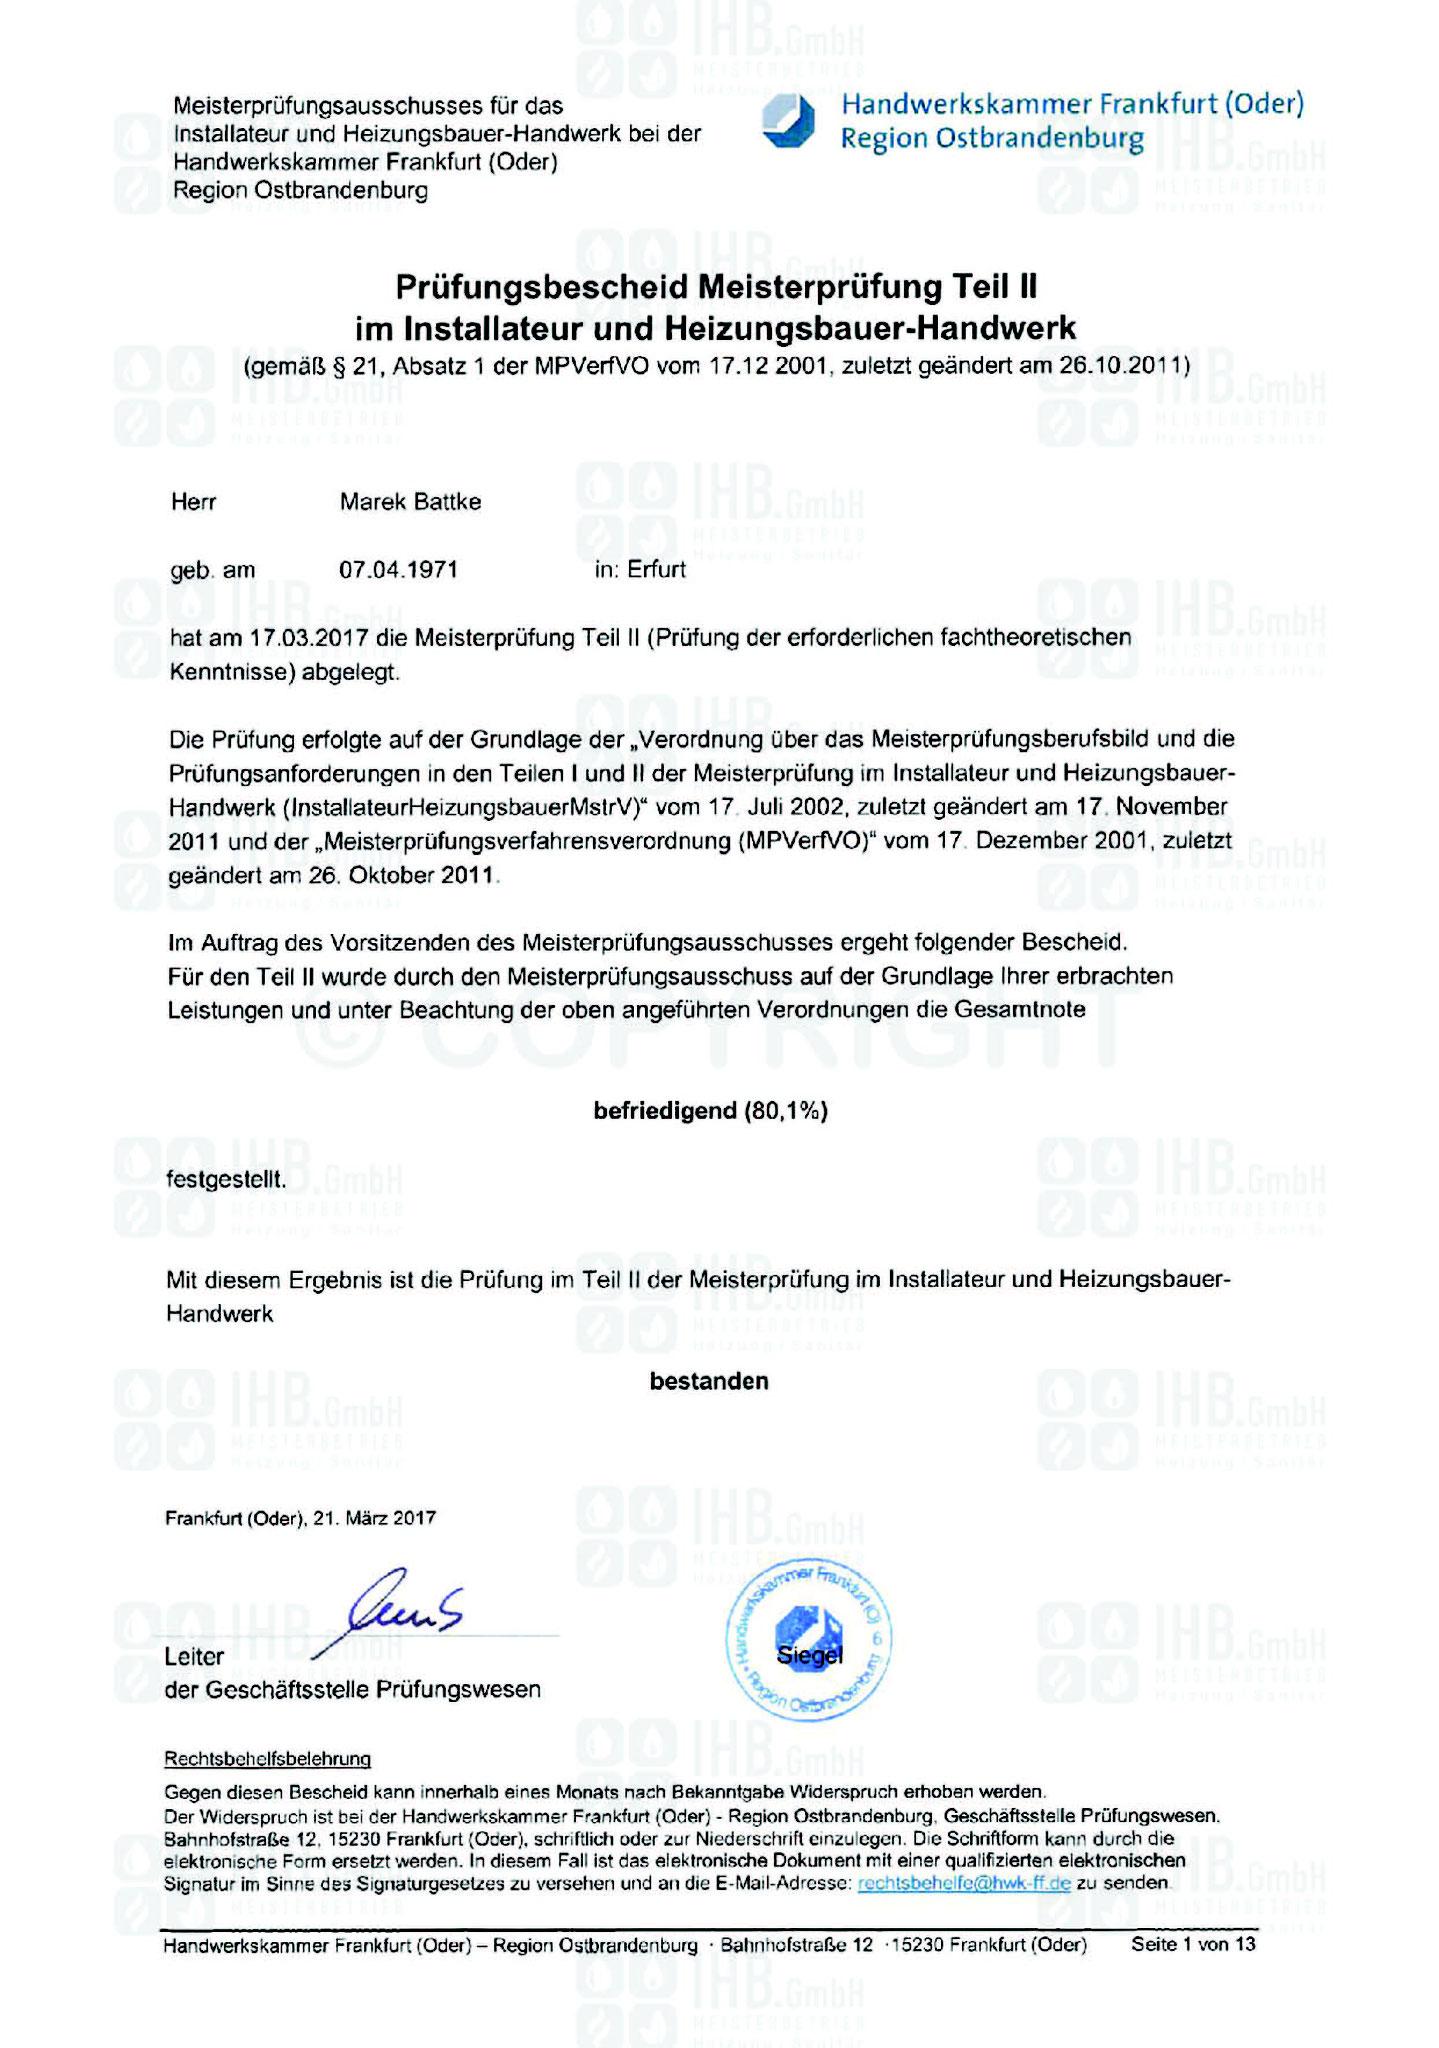 Prüfungsbescheid Meisterprüfung Teil 2 Marek Battke